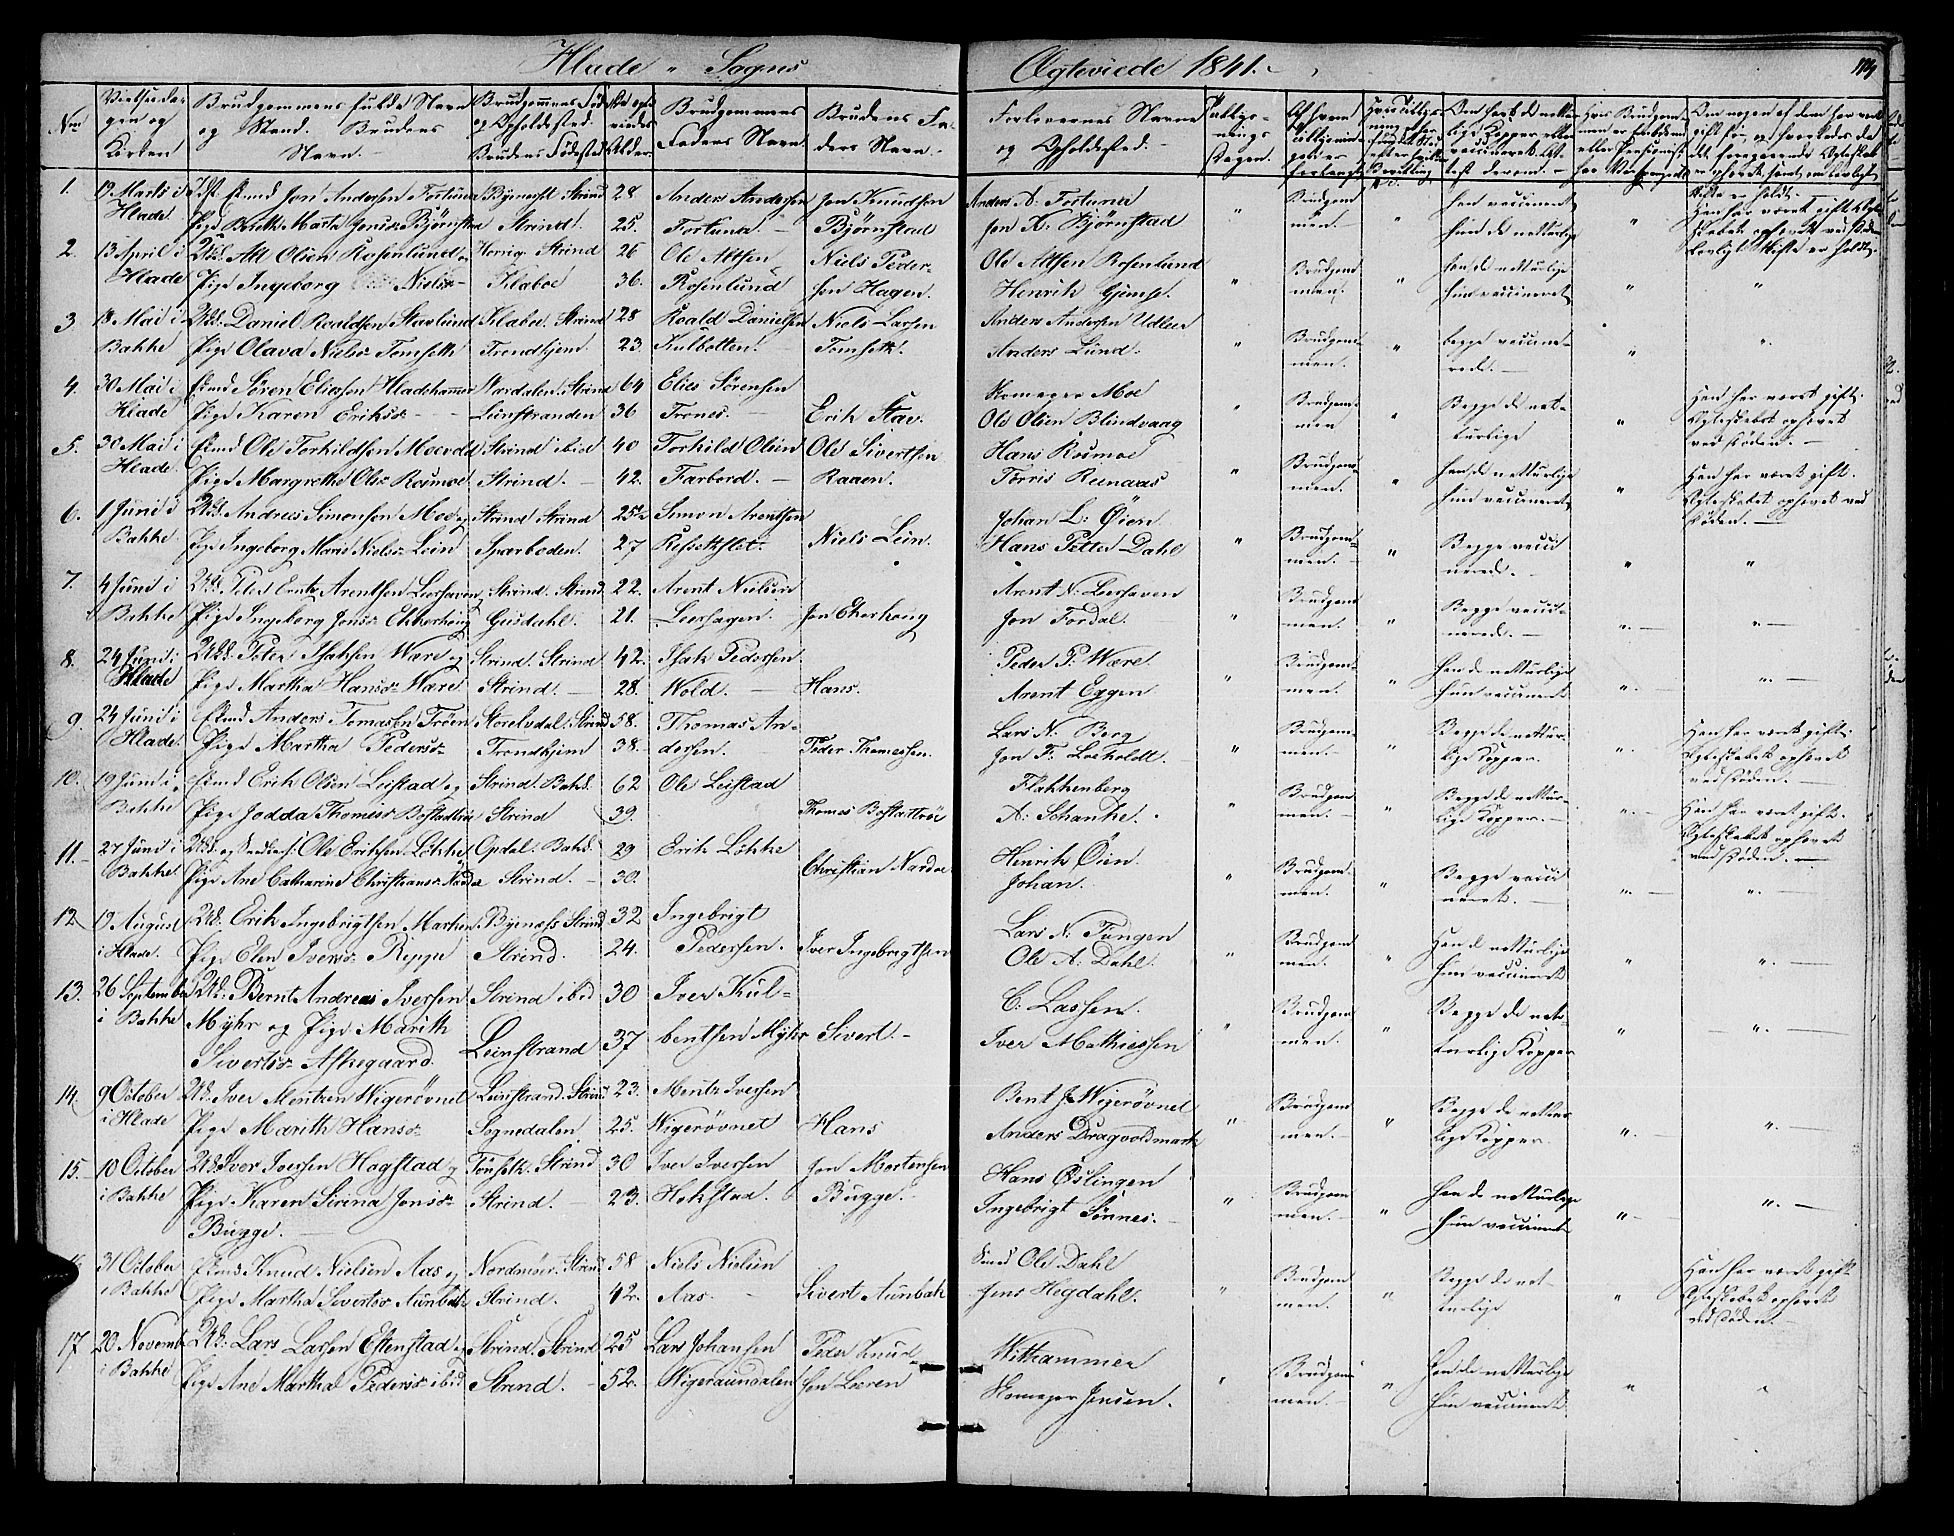 SAT, Ministerialprotokoller, klokkerbøker og fødselsregistre - Sør-Trøndelag, 606/L0309: Klokkerbok nr. 606C05, 1841-1849, s. 114